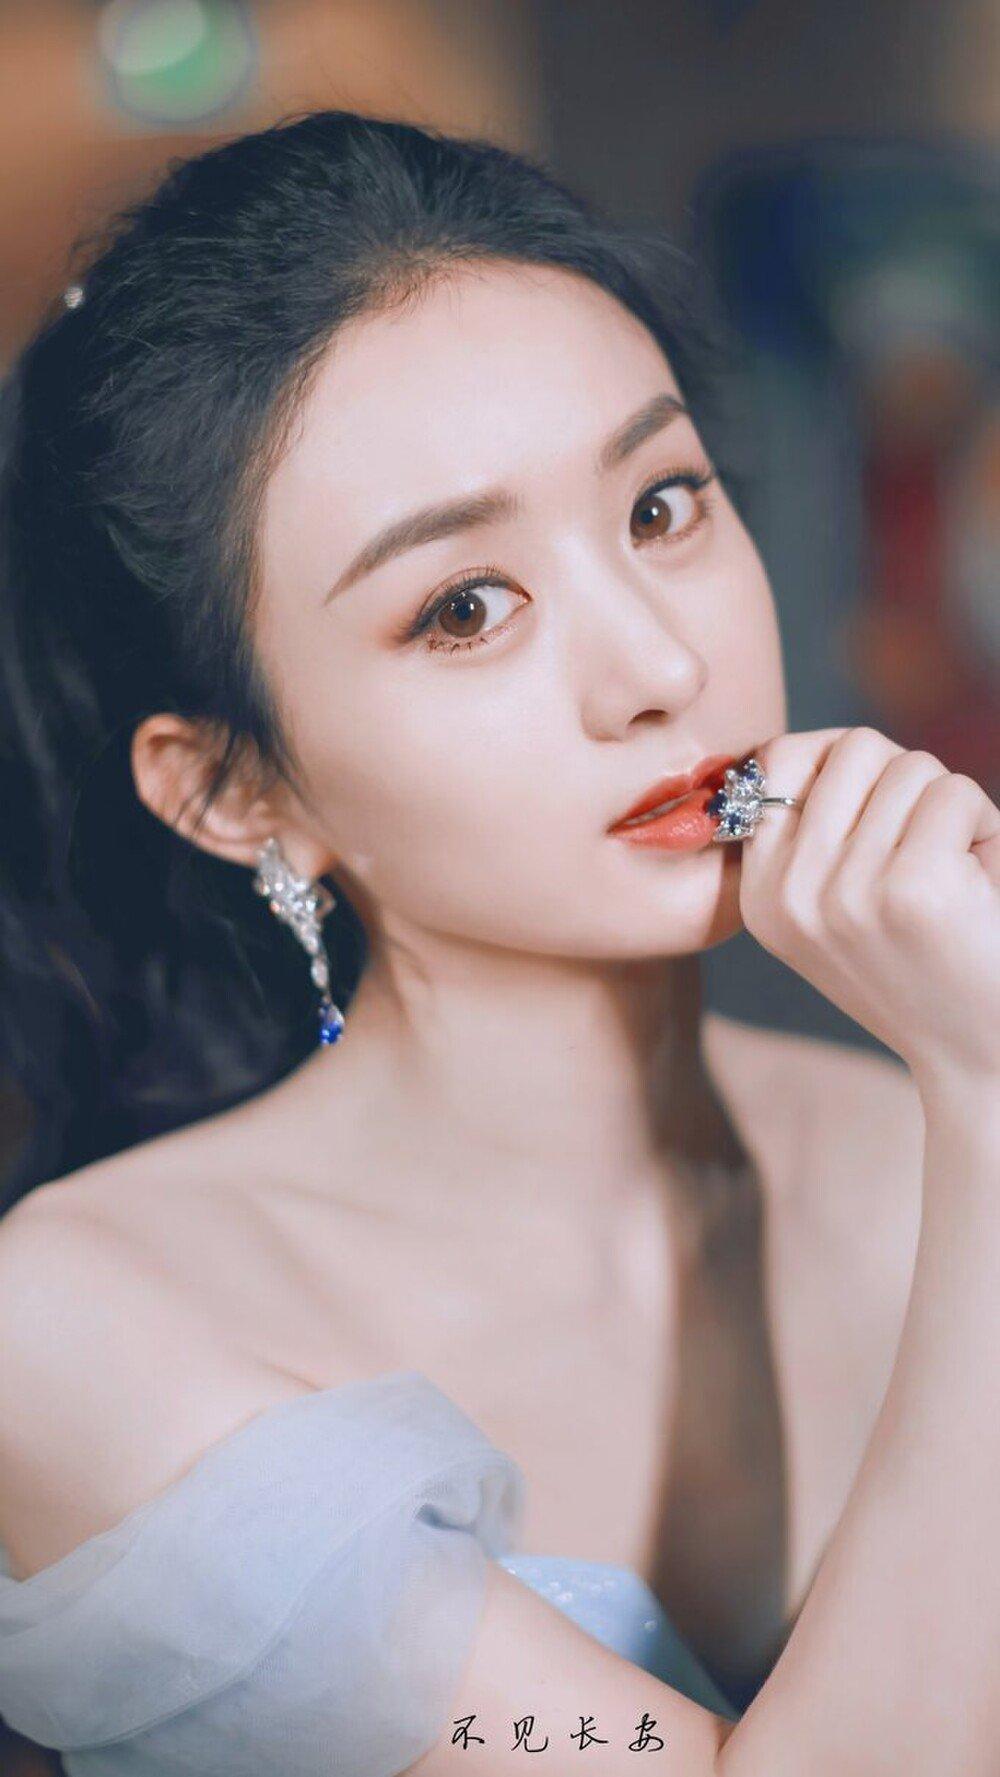 Trieu Le Dinh به عنوان یک عروس سلطنتی ، به دلیل کوتاهتر بودن مرتباً مورد تمسخر قرار می گیرد زیرا او مانند بازار لباسهای طراحی می کند 1